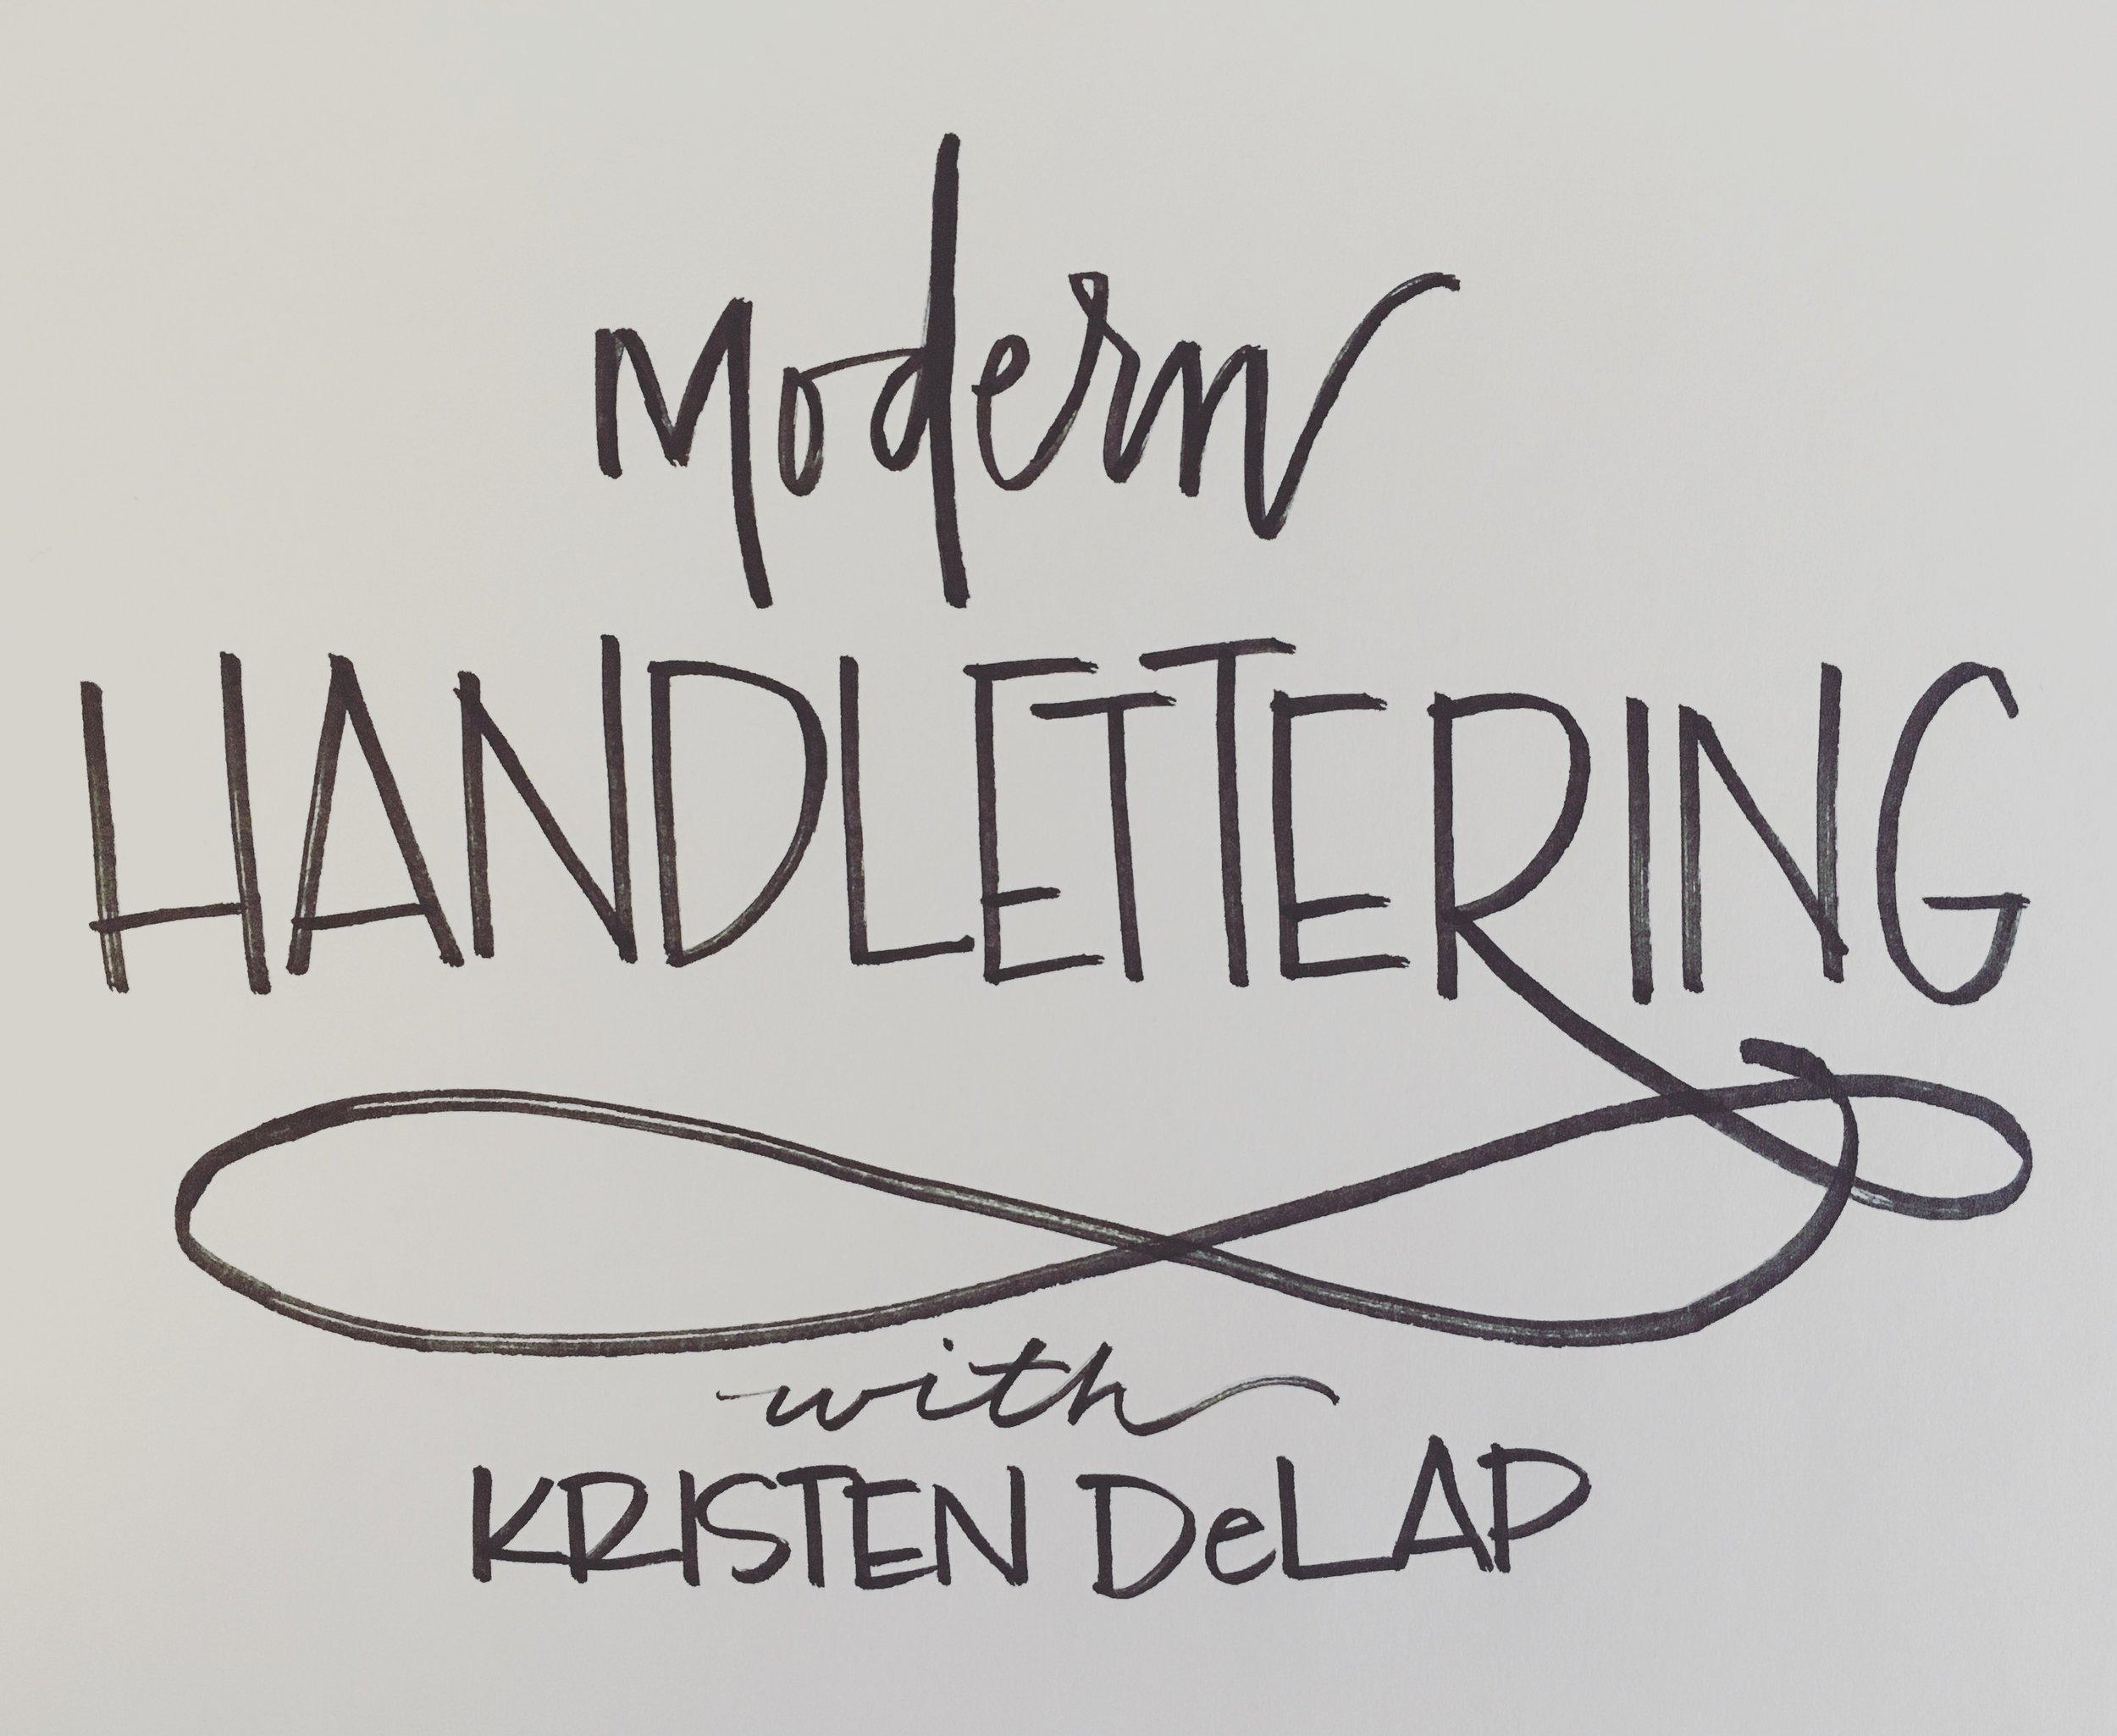 Modern_handlettering_kdelap.JPG